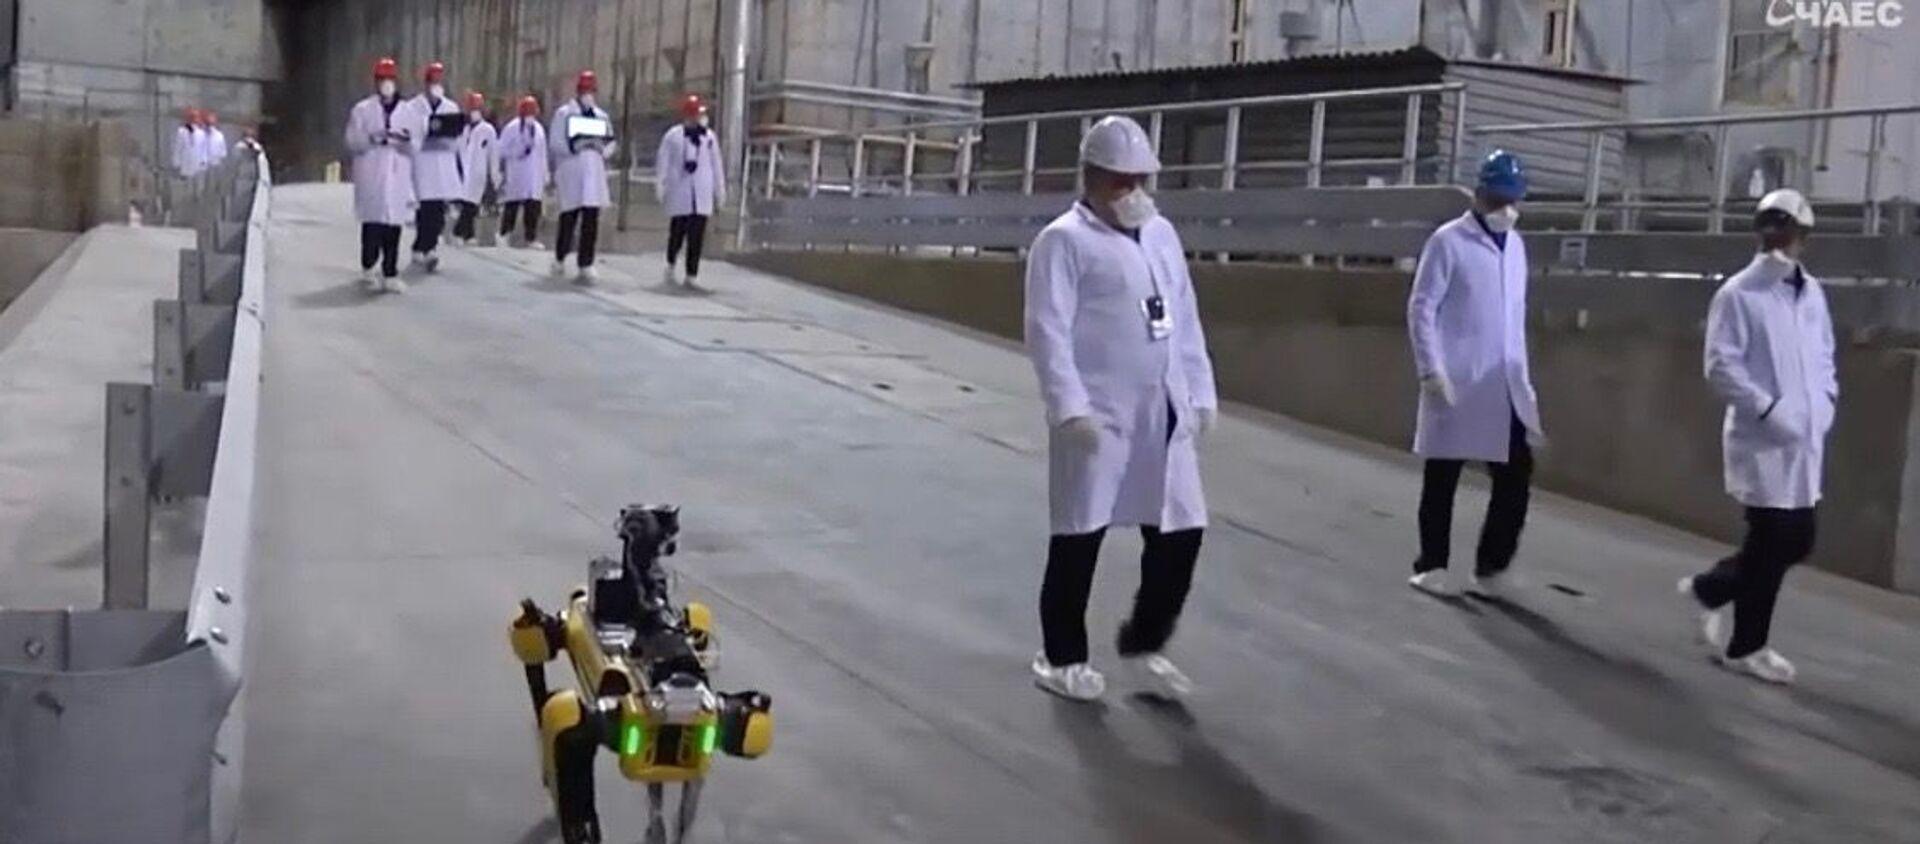 Робот-пес вынюхивает радиацию на Чернобыльской АЭС - Sputnik Узбекистан, 1920, 28.10.2020